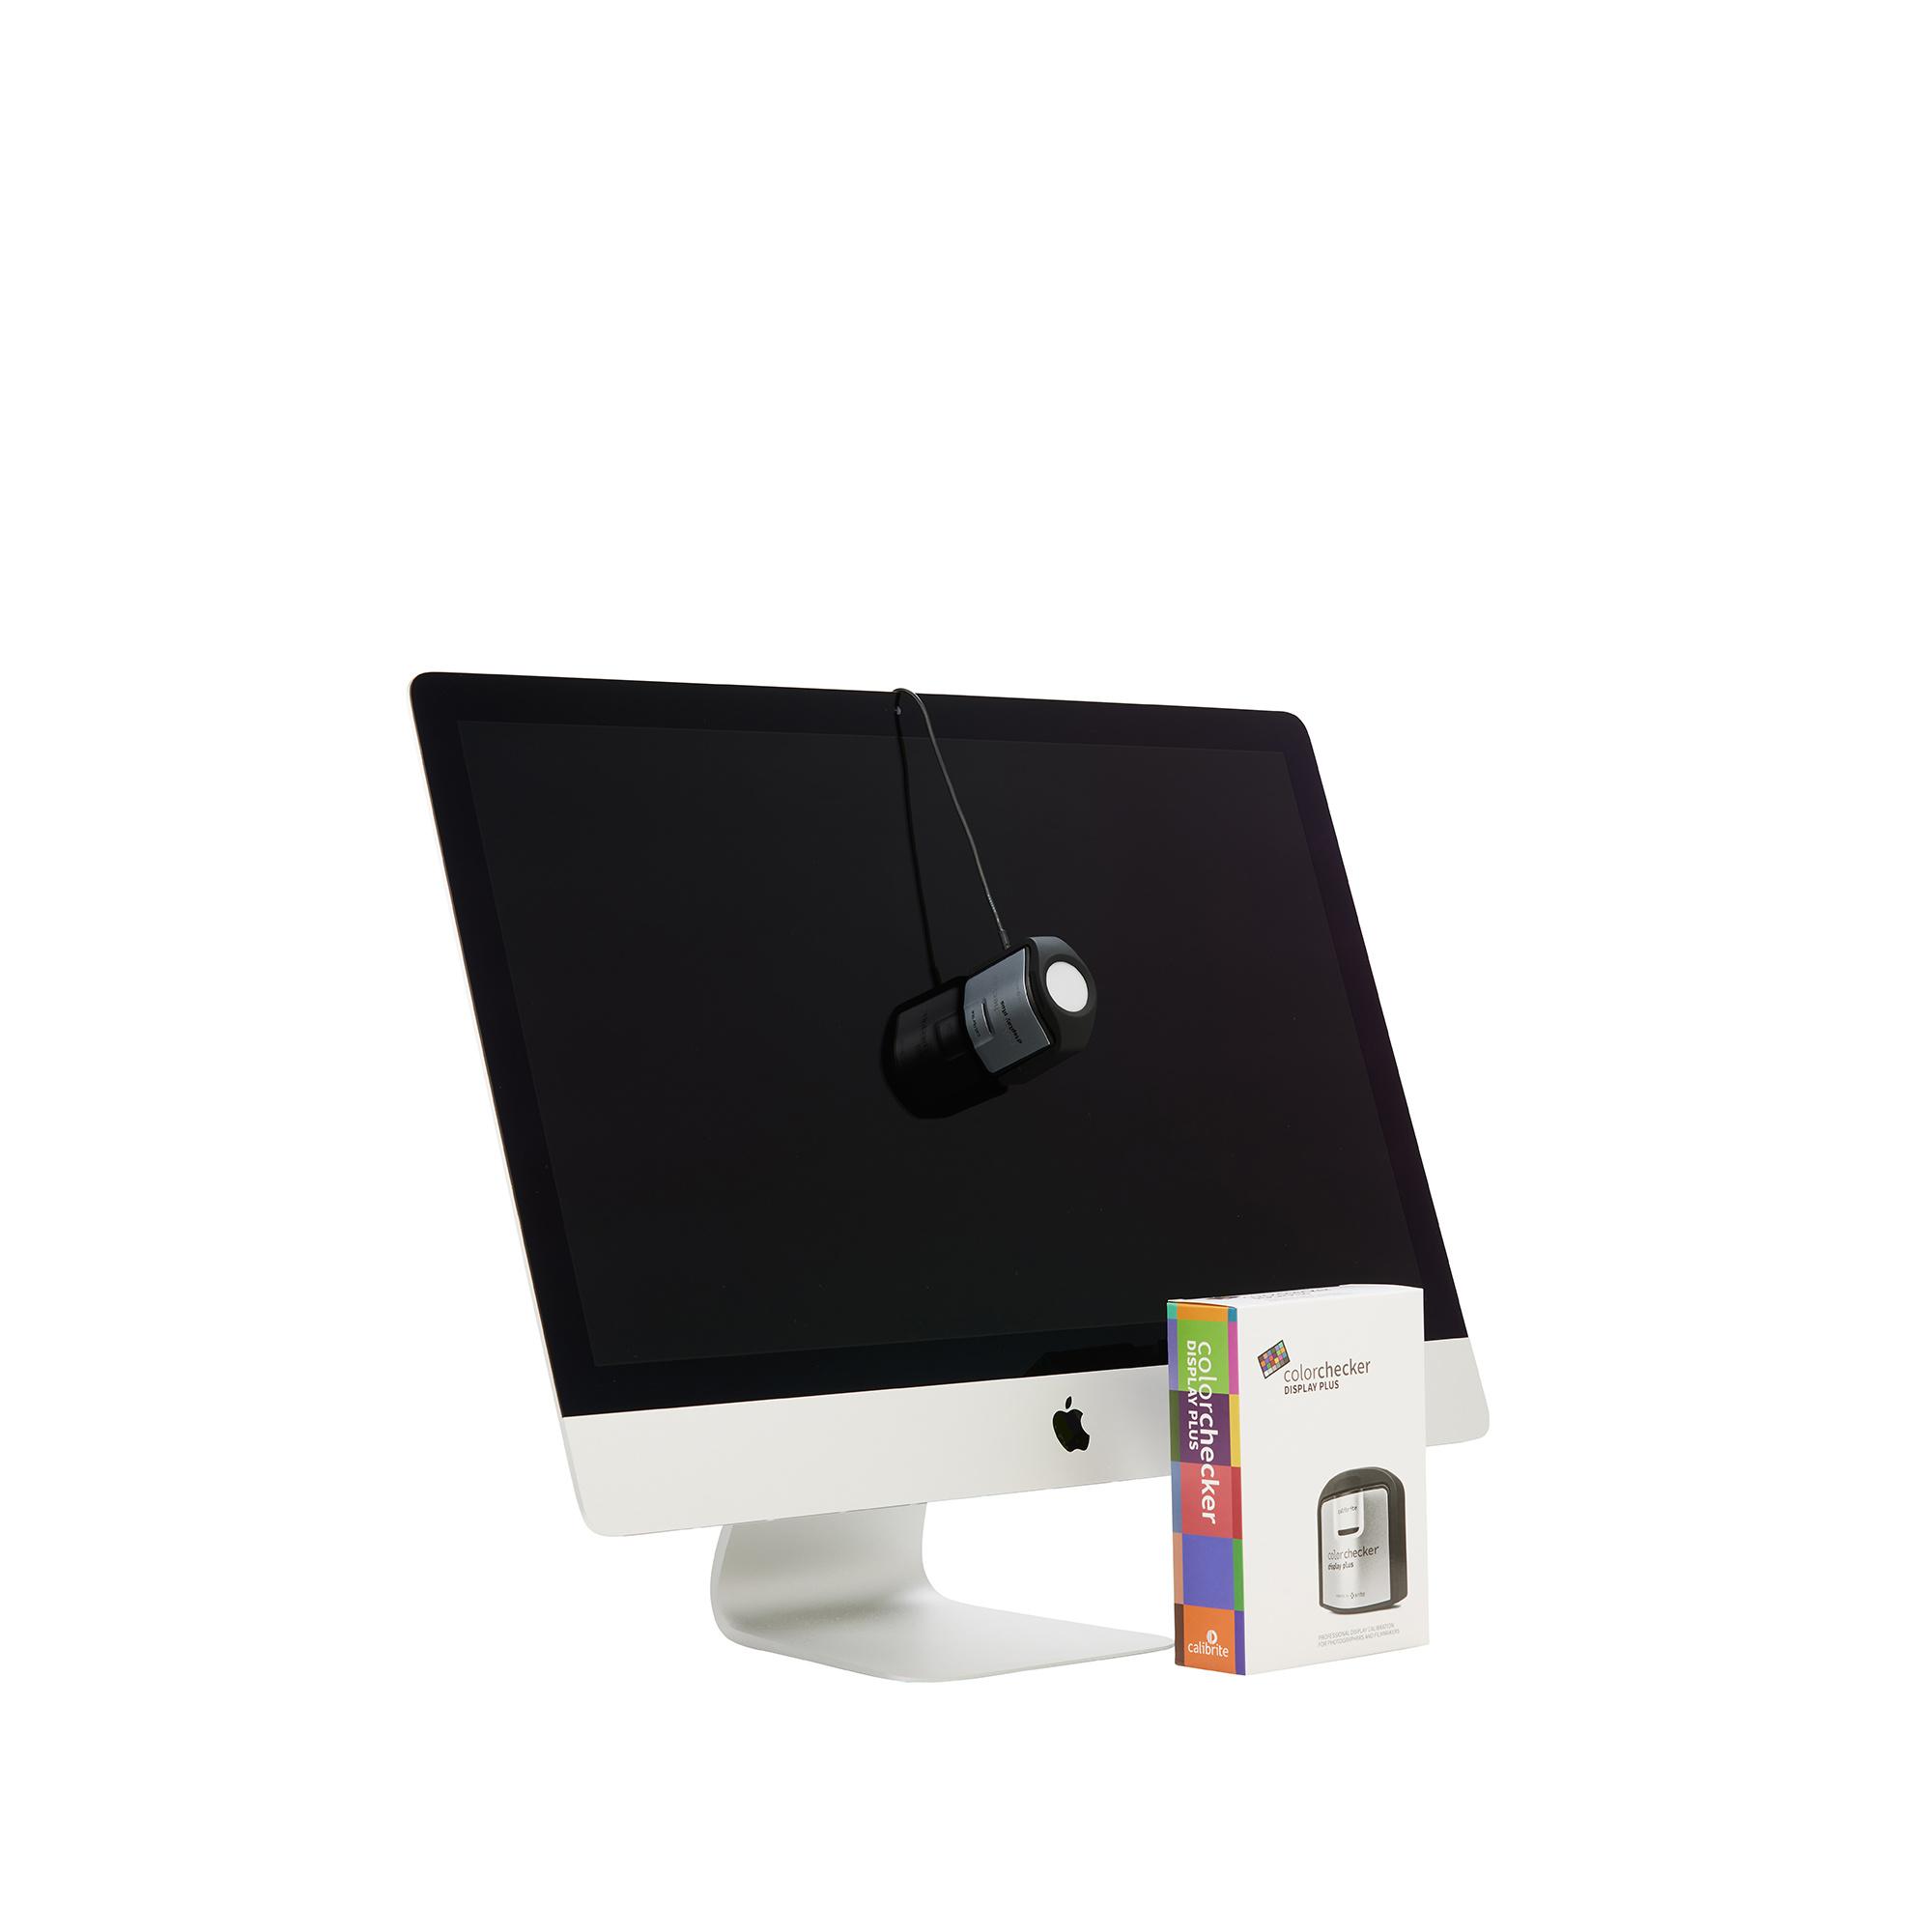 Calibrite Calibrite ColorChecker Display Plus